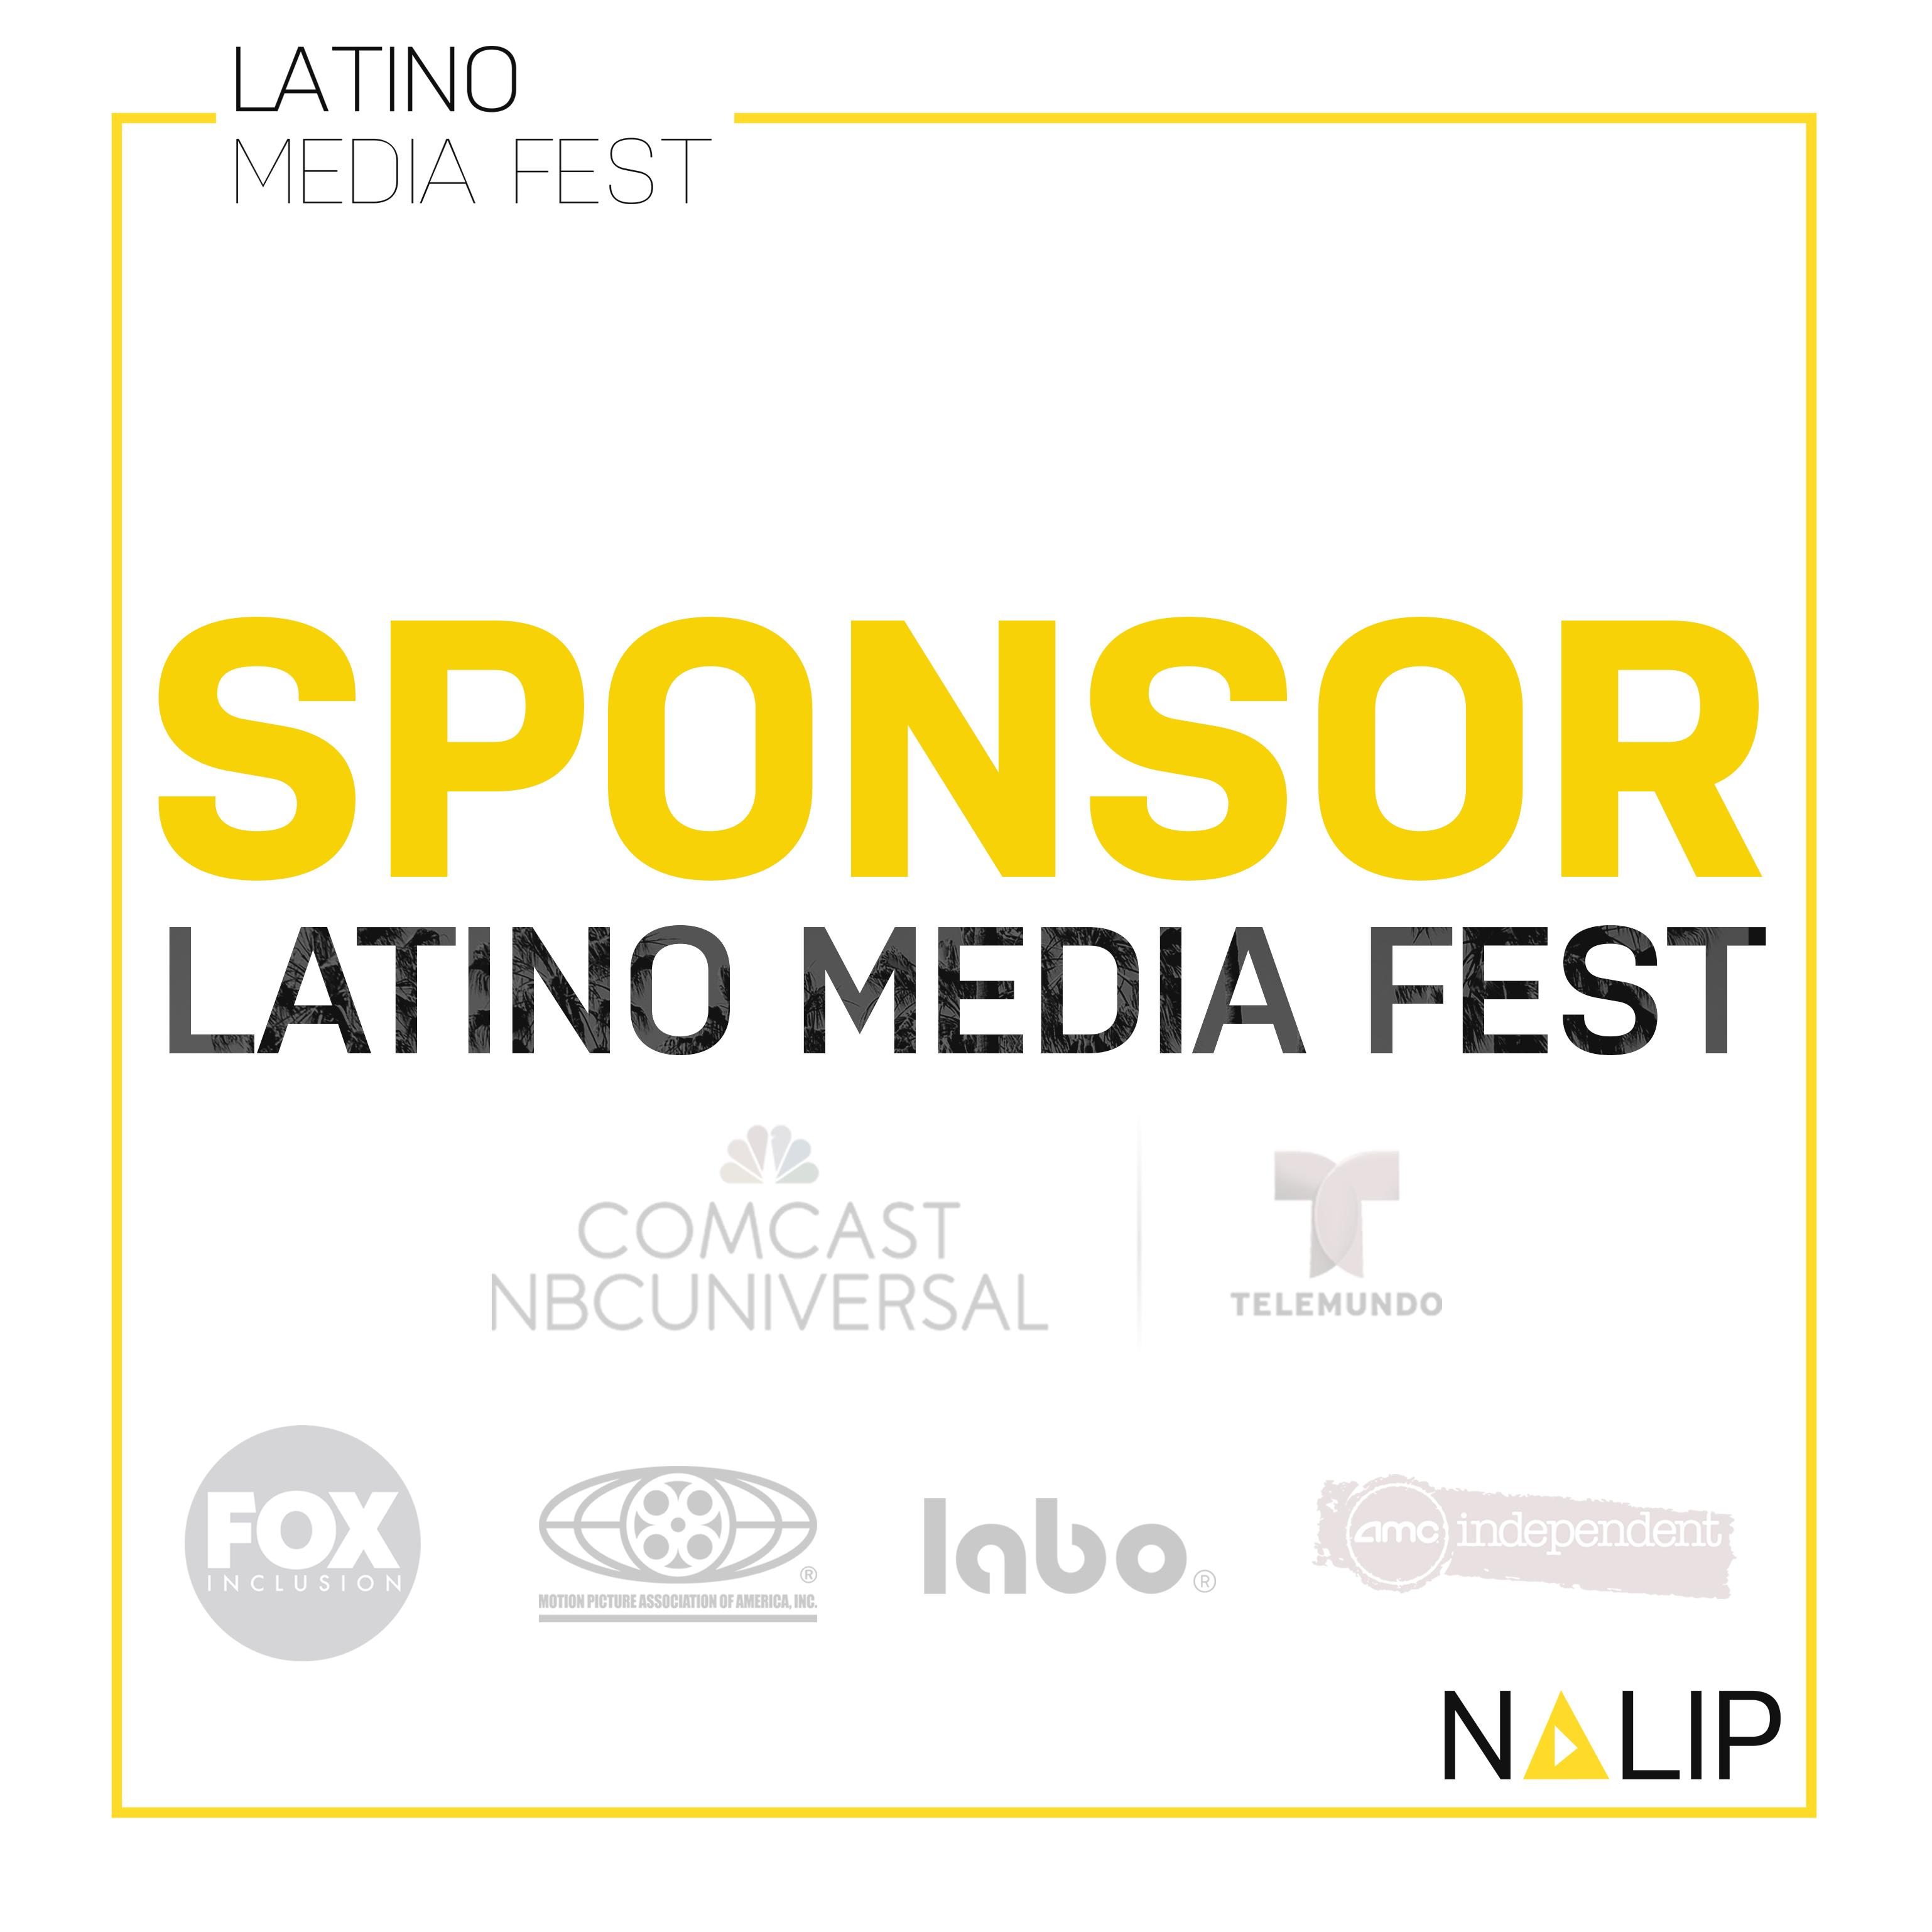 LMF_Sponsor_Newsletter_02.png